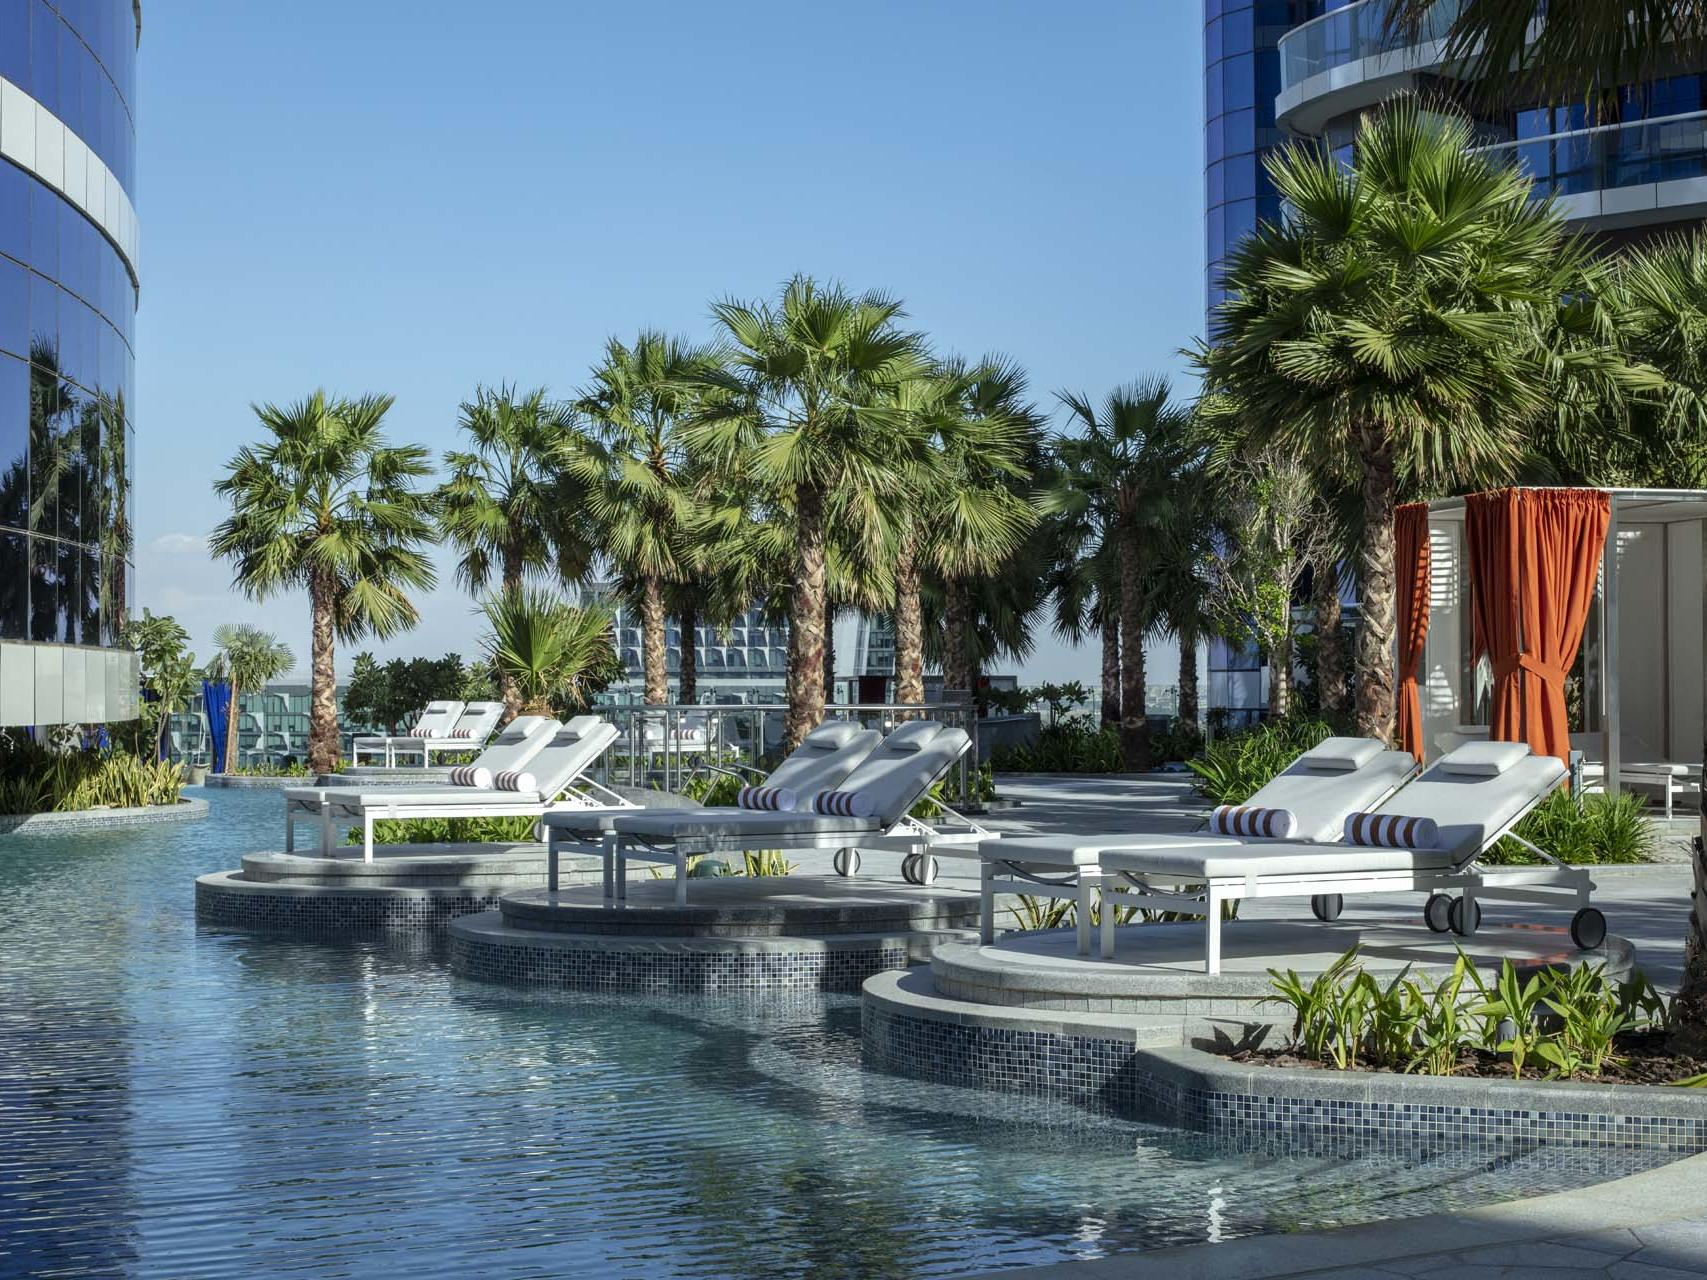 迪拜派拉蒙酒店游泳池甲板